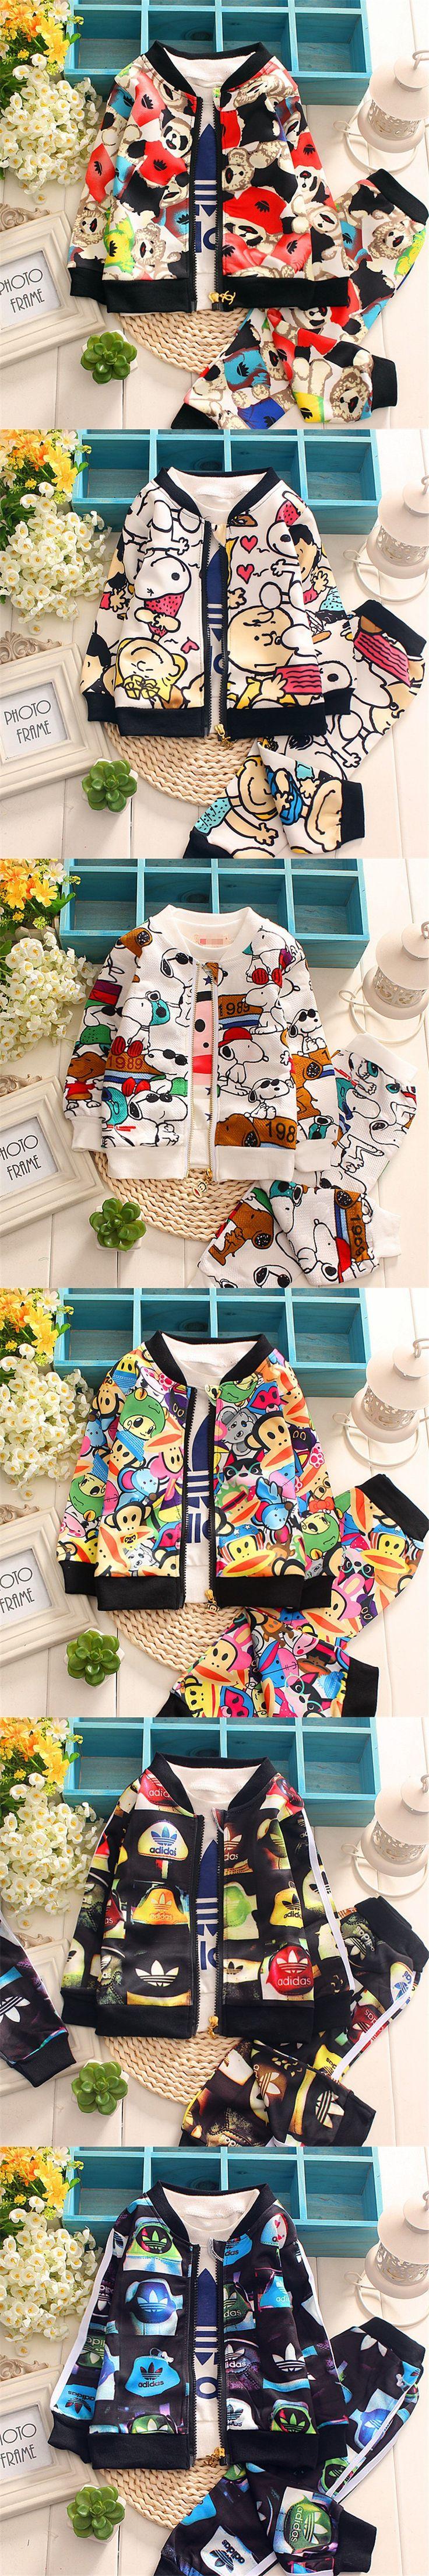 2015 New Brand Boys Clothes Autumn Cute Animals Baby Boys Clothing Set Kids Baby Clothes Boys Coats Jackets+Pant Sport Suit Sets